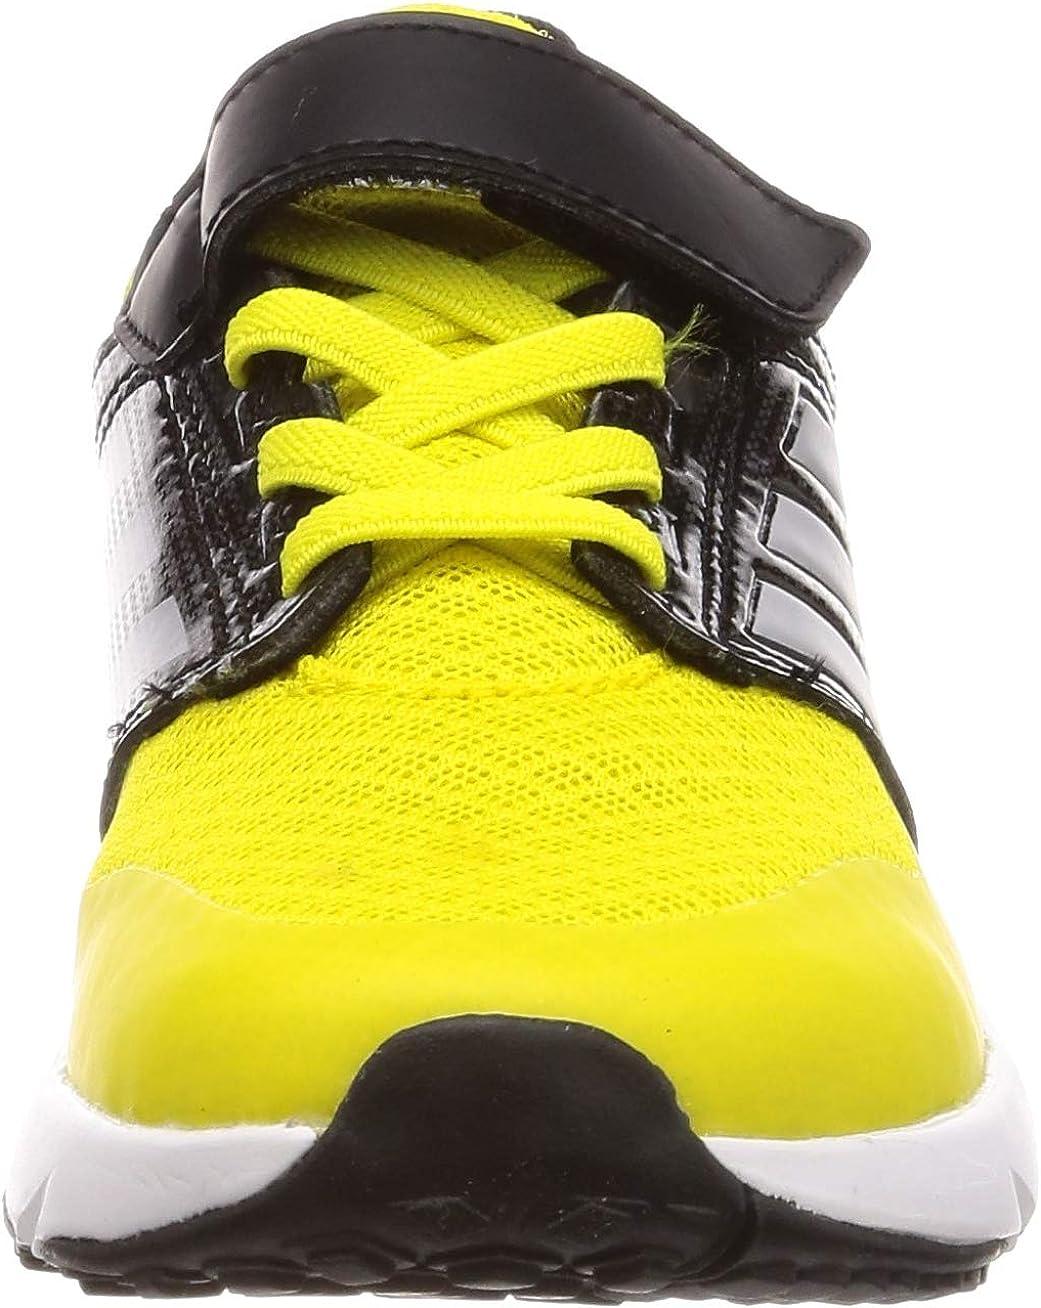 adidas Fortafaito El K, Chaussure de Course Mixte Enfant Choc Jaune Argent Met Core Noir